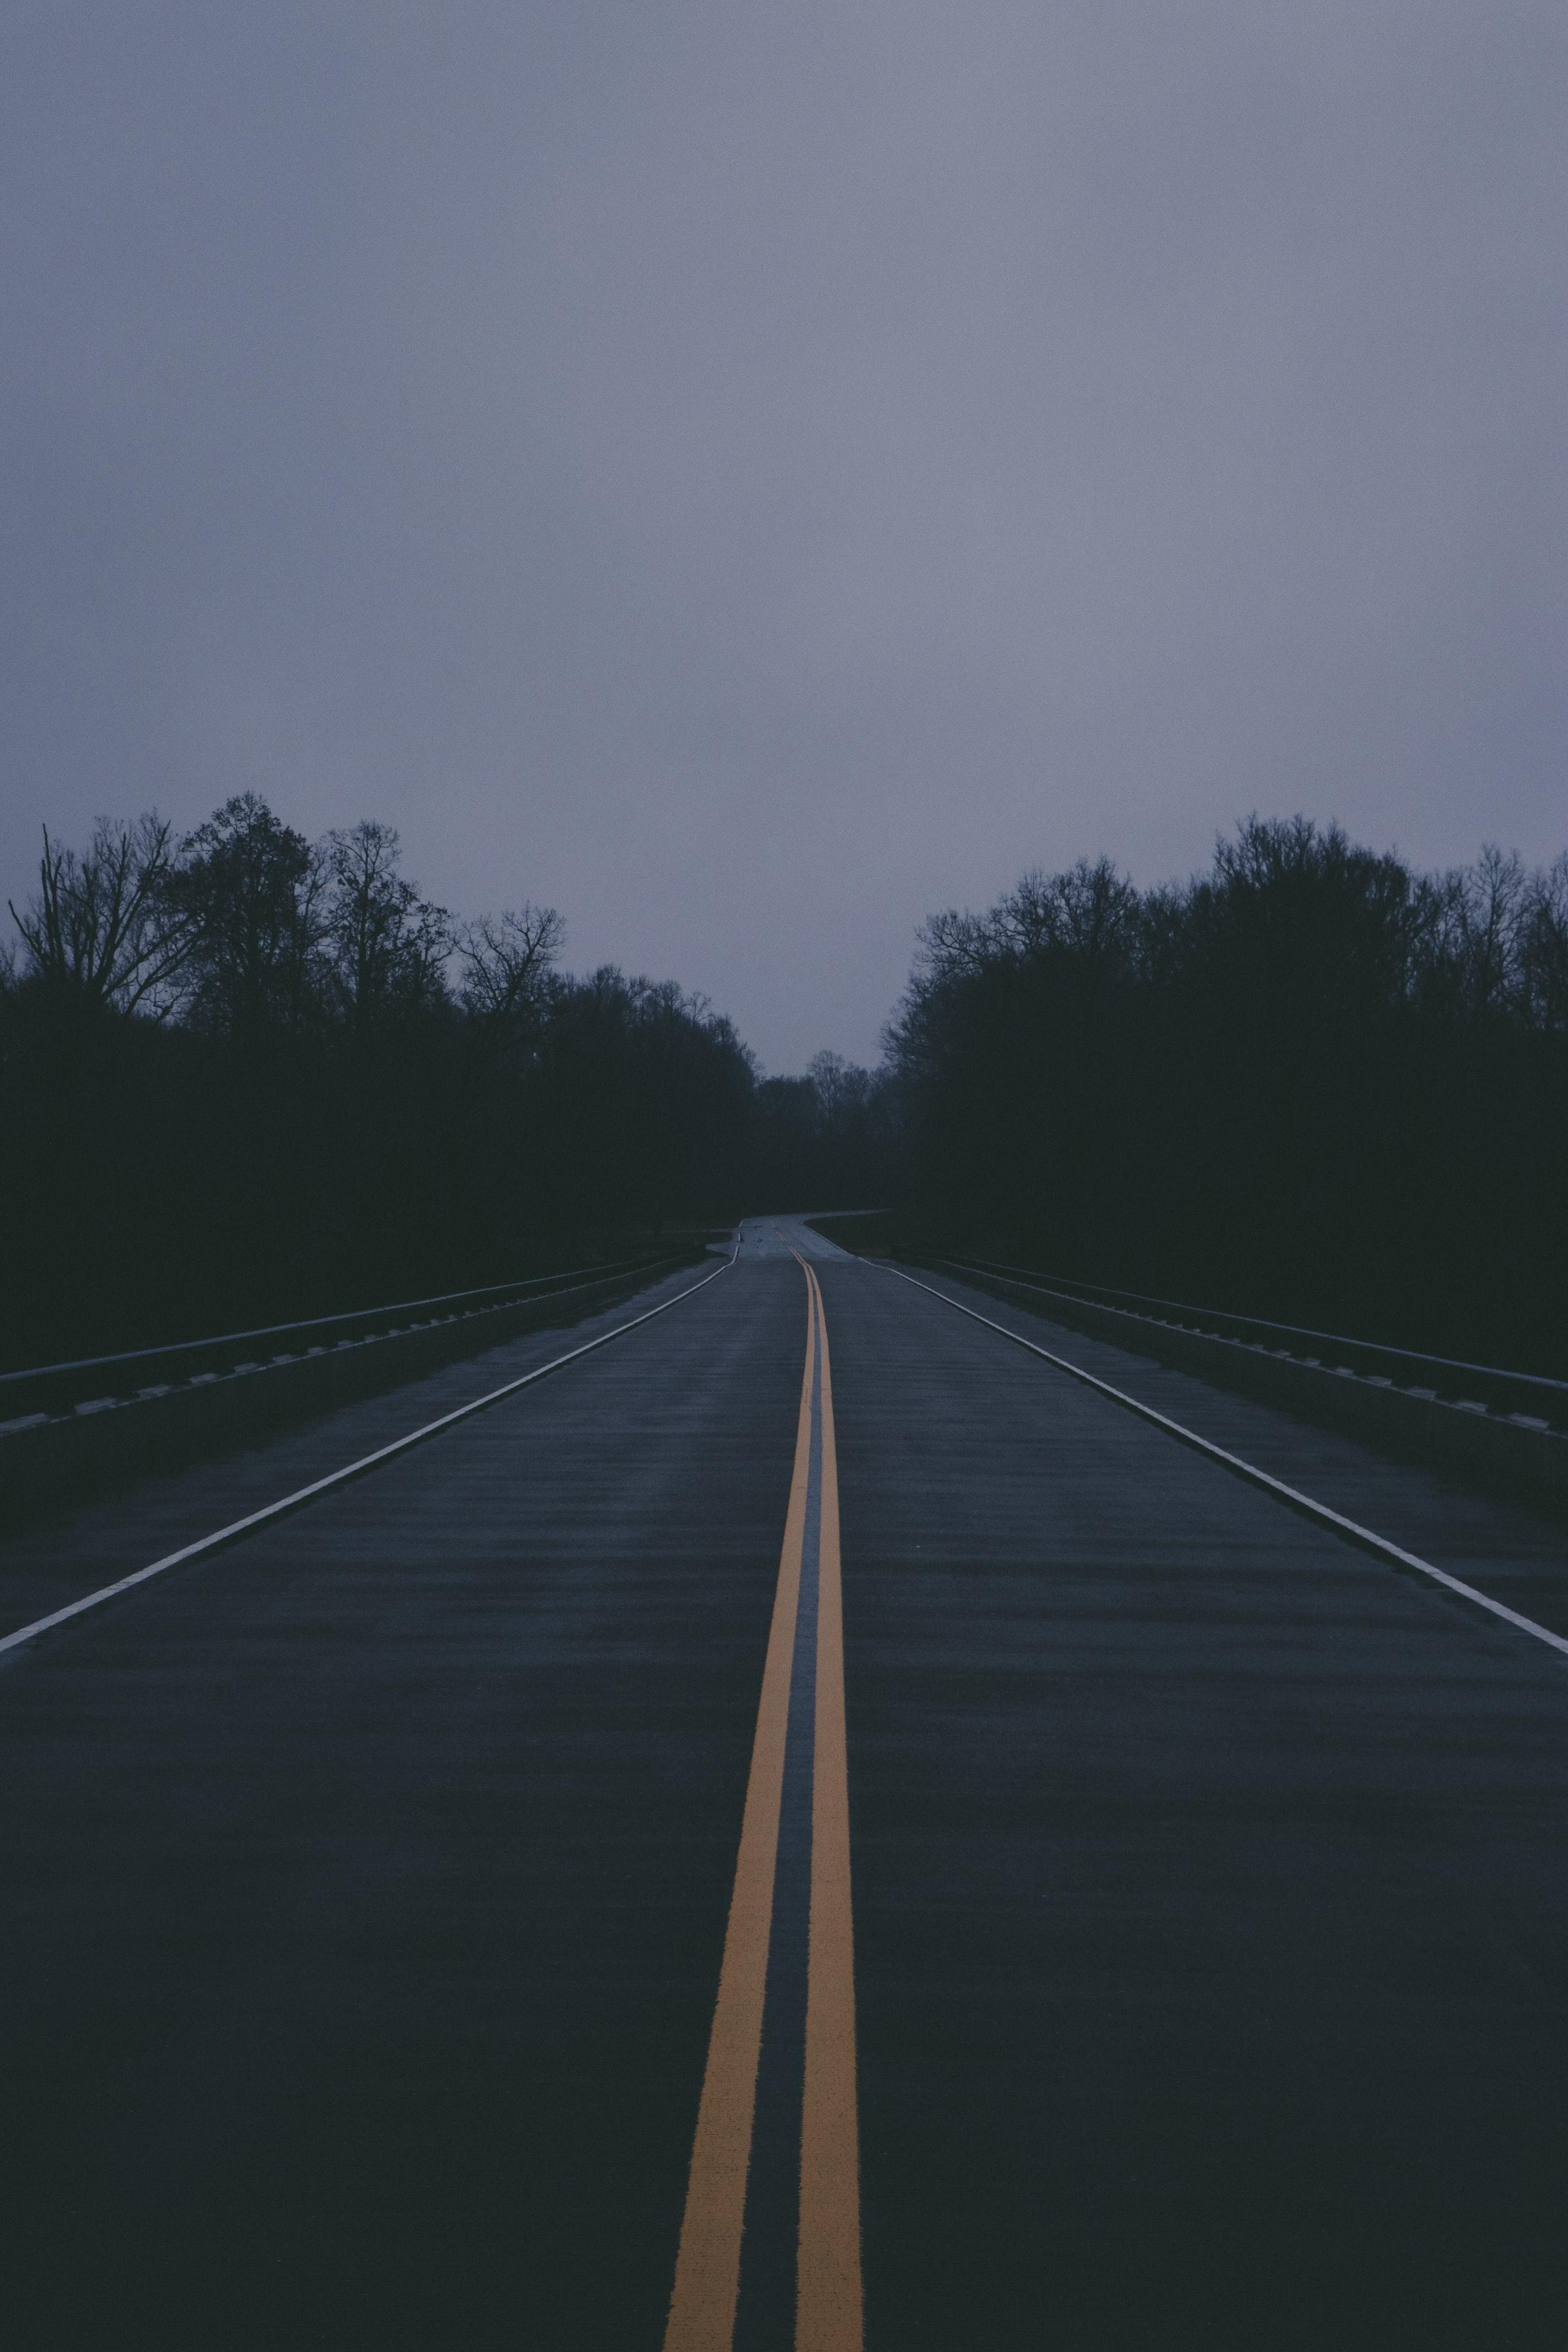 начинать новое, новый путь, сложно начинать, идти наперекор